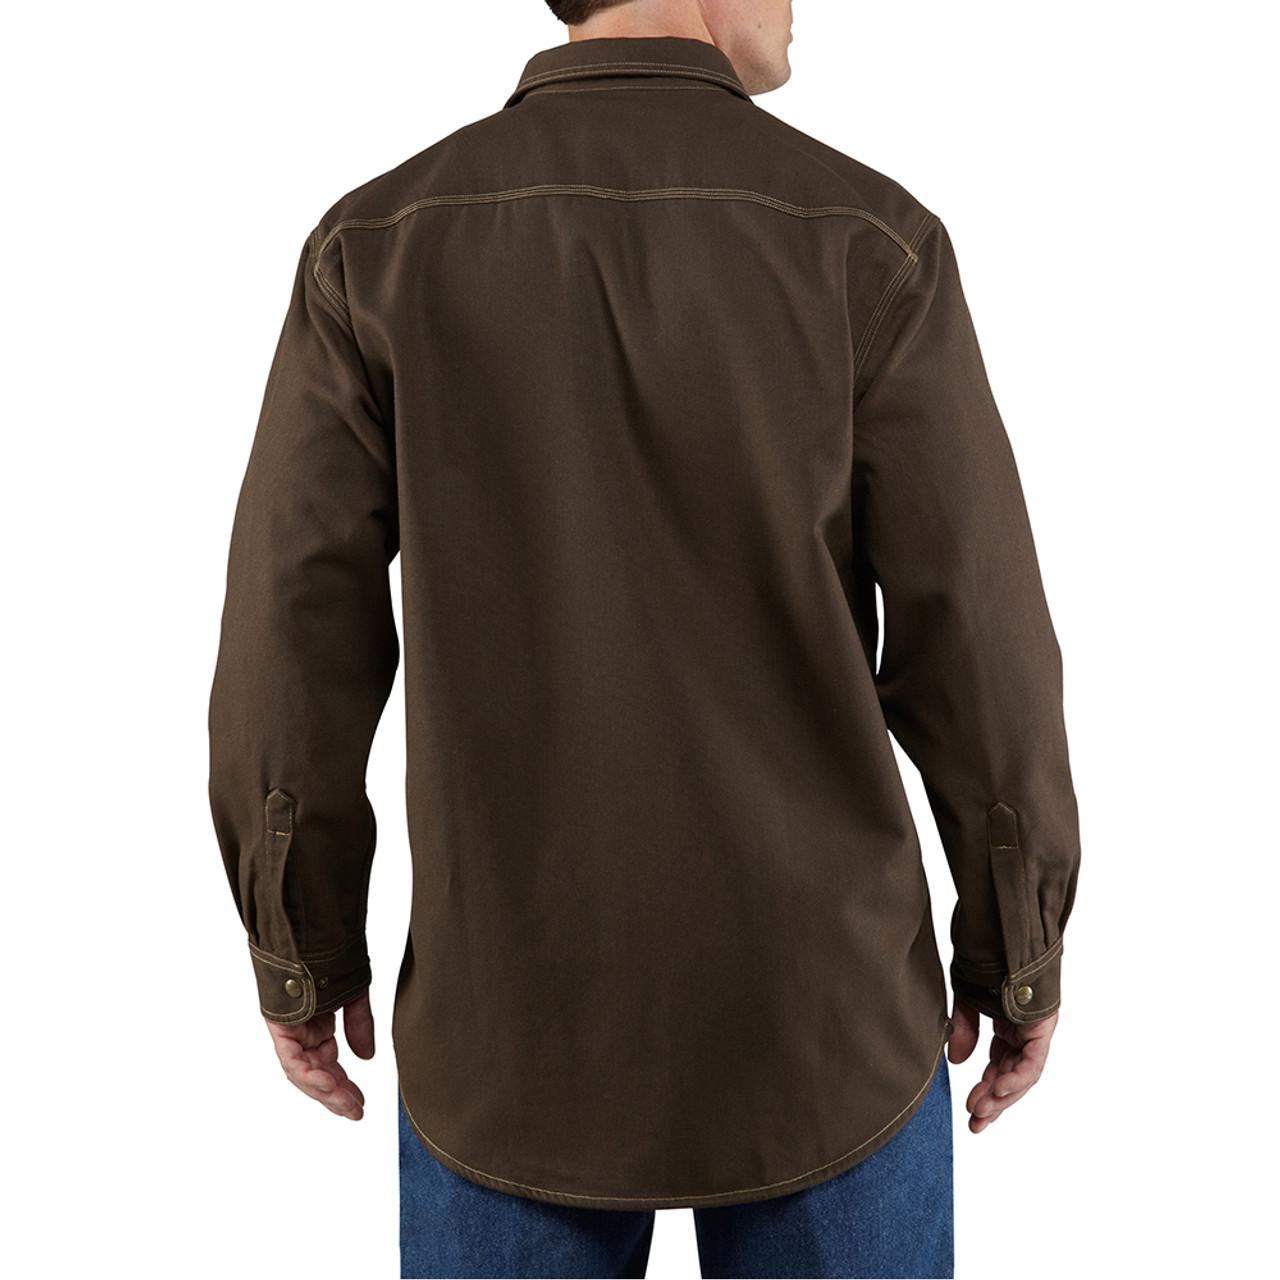 24645952a0b 100432 Men s Flame Resistant Canvas Shirt Jacket